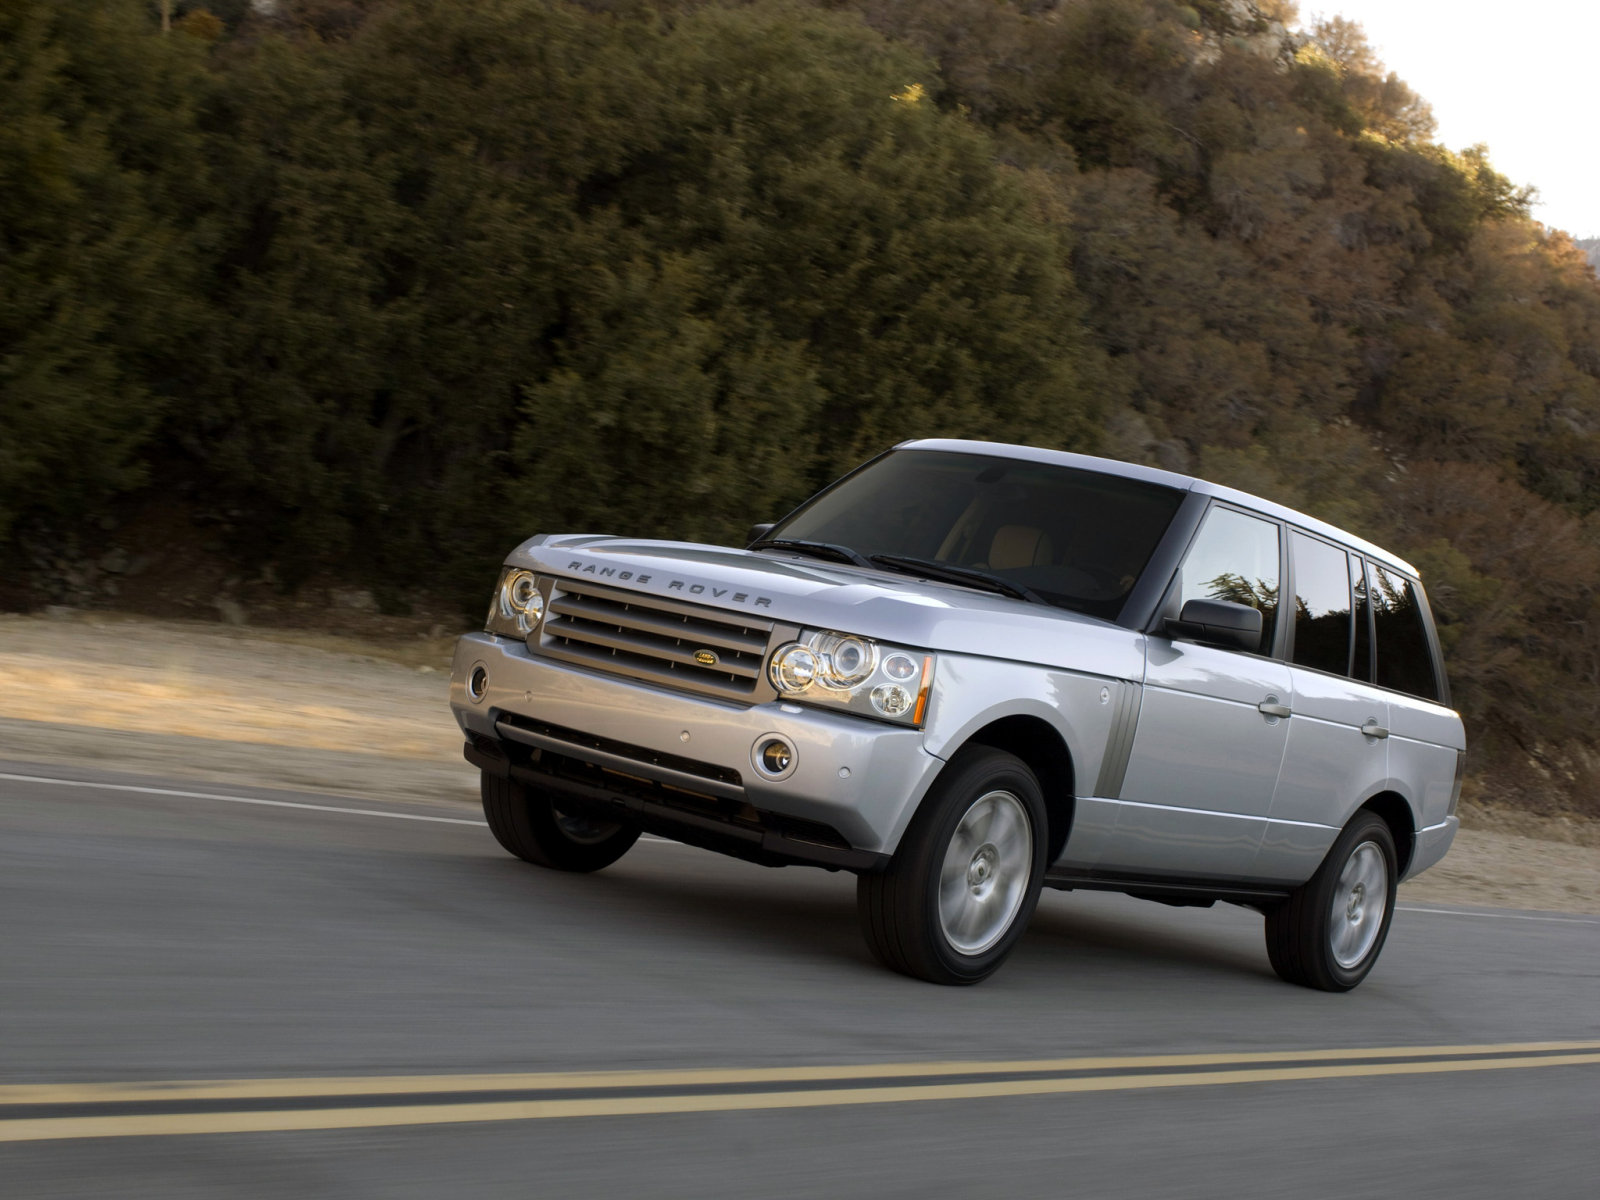 Land Rover (Лэнд Ровер) Range 2002-2005 г.